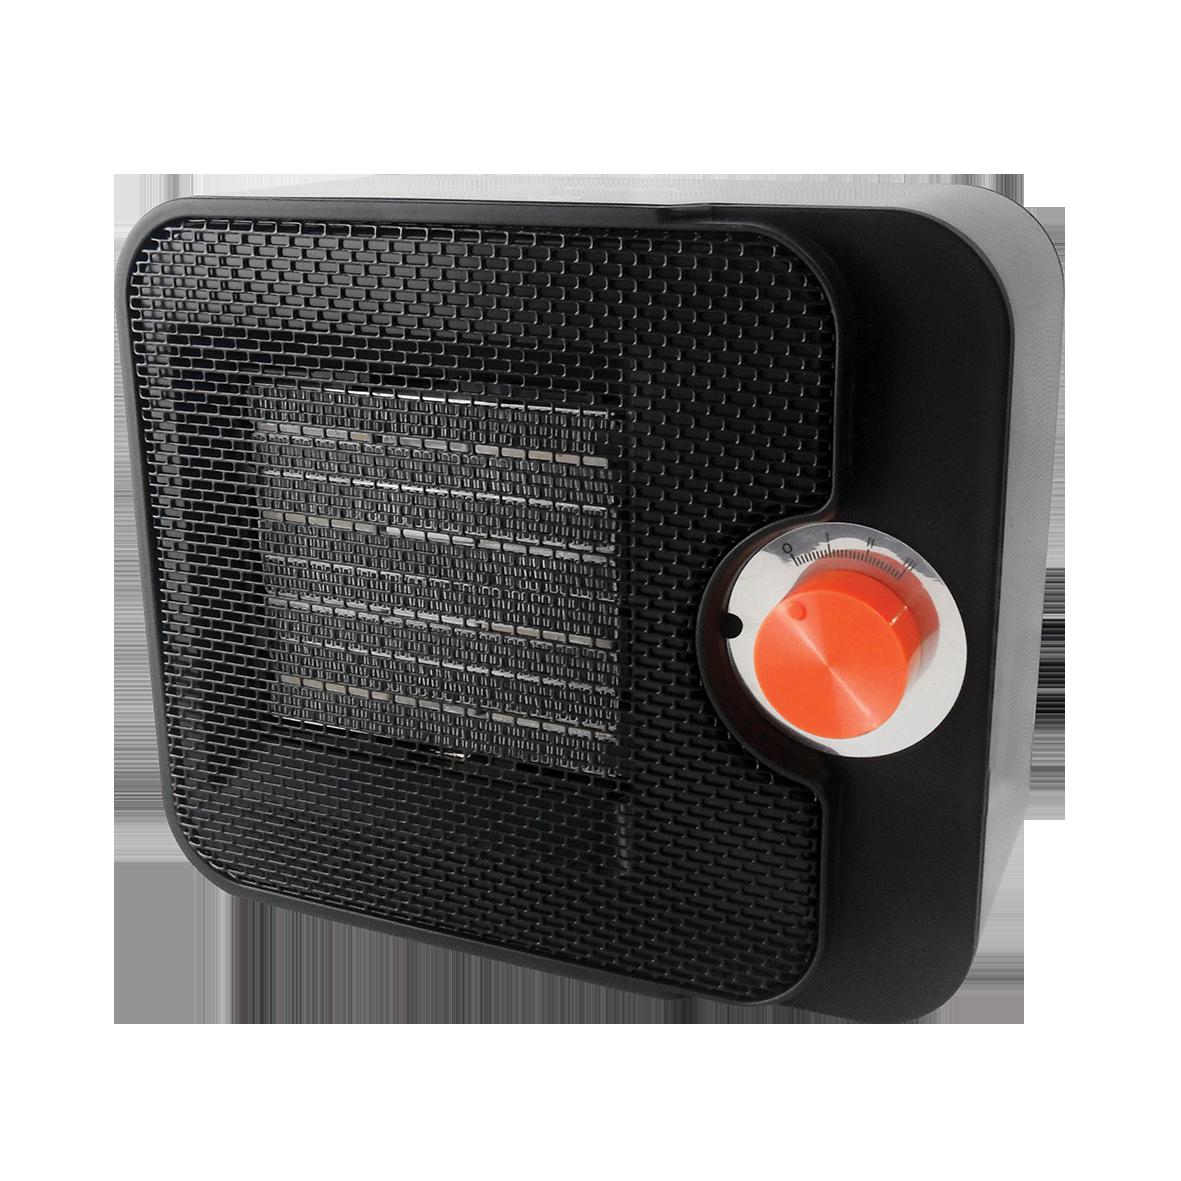 Тепловентилятор Timberk TFH T15NTX.BОбогреватели<br>Настольное вертикальное исполнение<br>Удобная ручка для безопасного перемещения<br>Два режима мощности на выбор &amp;#40;1000 Вт, 1500 Вт&amp;#41;<br>Регулируемый термостат<br>Двухуровневая защита от перегрева: терморегулятор и термоограничитель<br>Защита от замерзания Anti-frost protection: тепловентилятор автоматически начинает обогрев при падении температуры в помещении ниже 5-7°С<br>Технология Oxygen Safe - увеличенная площадь нагревательного элемента и отсутствие негативного влияния на качество воздуха<br>Сверх-тихий DC-мотор и абсолютная компактность<br>Высокоэффективный металлокерамический...<br><br>Тип: термовентилятор<br>Площадь обогрева, кв.м: 20<br>Отключение при перегреве: есть<br>Вентилятор : есть<br>Управление: механическое<br>Регулировка температуры: есть<br>Термостат: есть<br>Защита от мороза : есть<br>Габариты: 21x18x9.5 см